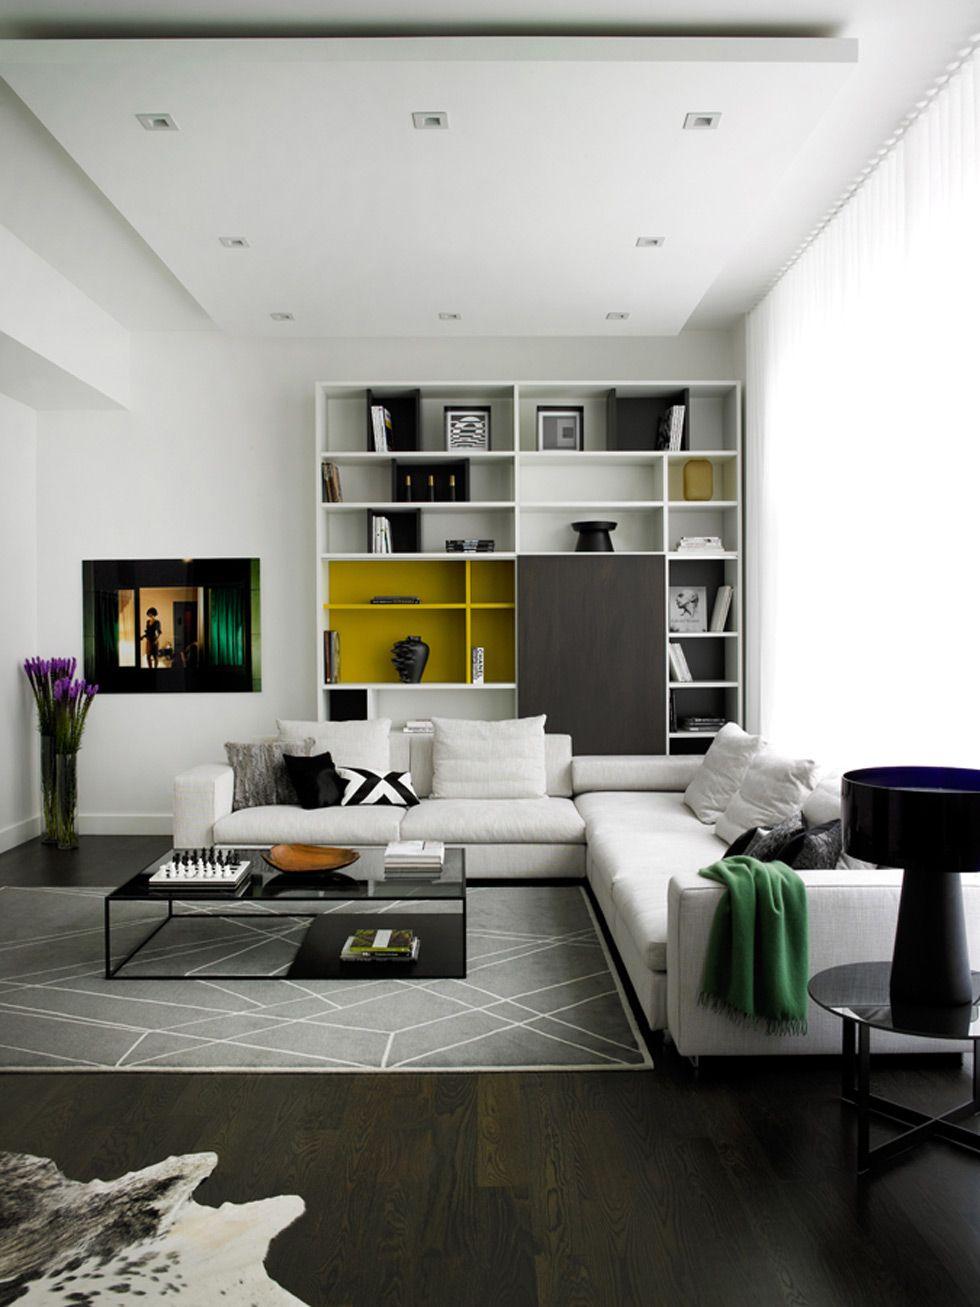 Soggiorni moderni • 100 idee e stile per il soggiorno ideale | Pinterest